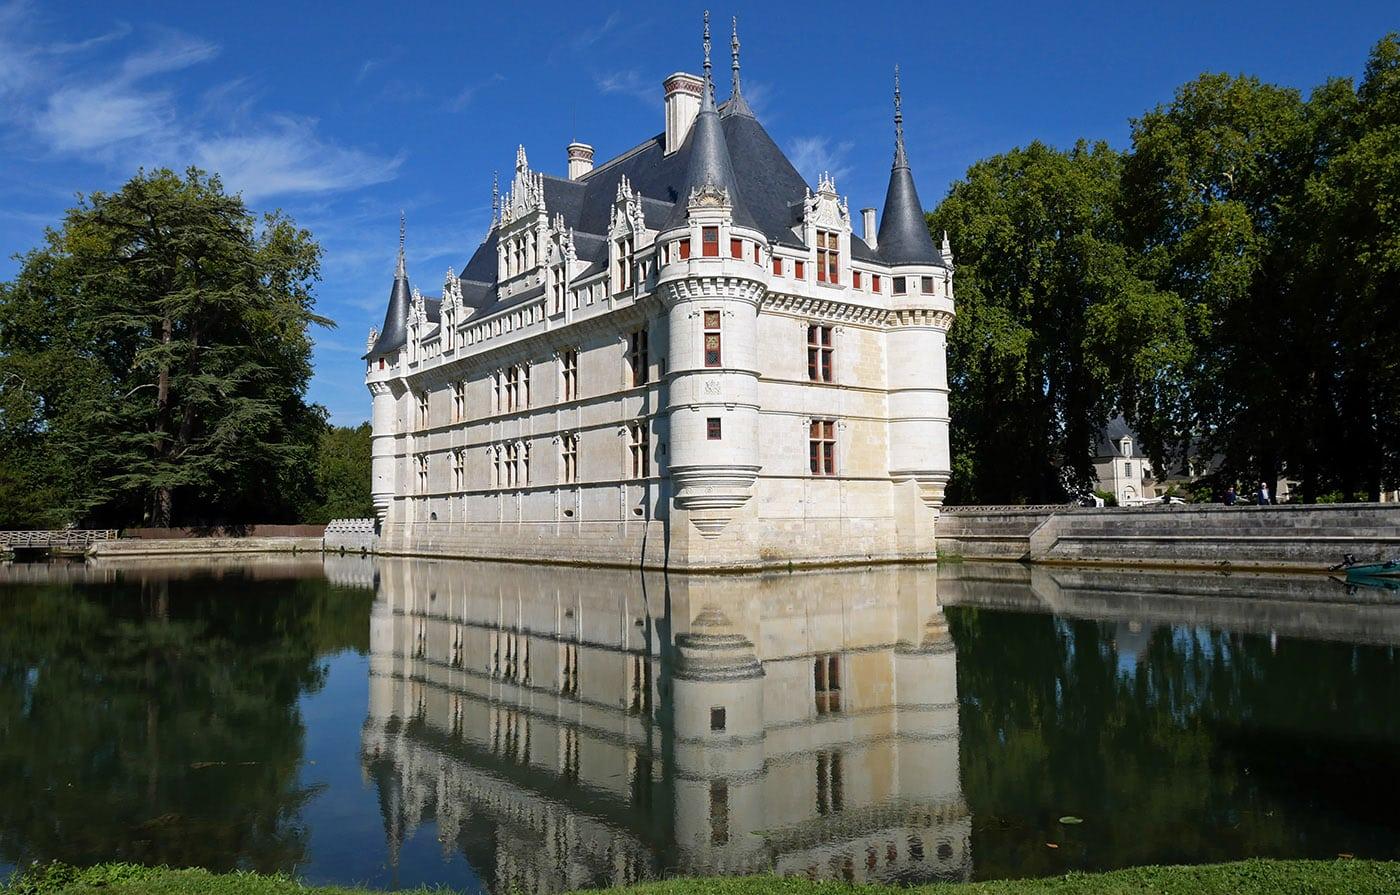 La renaissance du ch teau d azay le rideau - Visite chateau azay le rideau ...